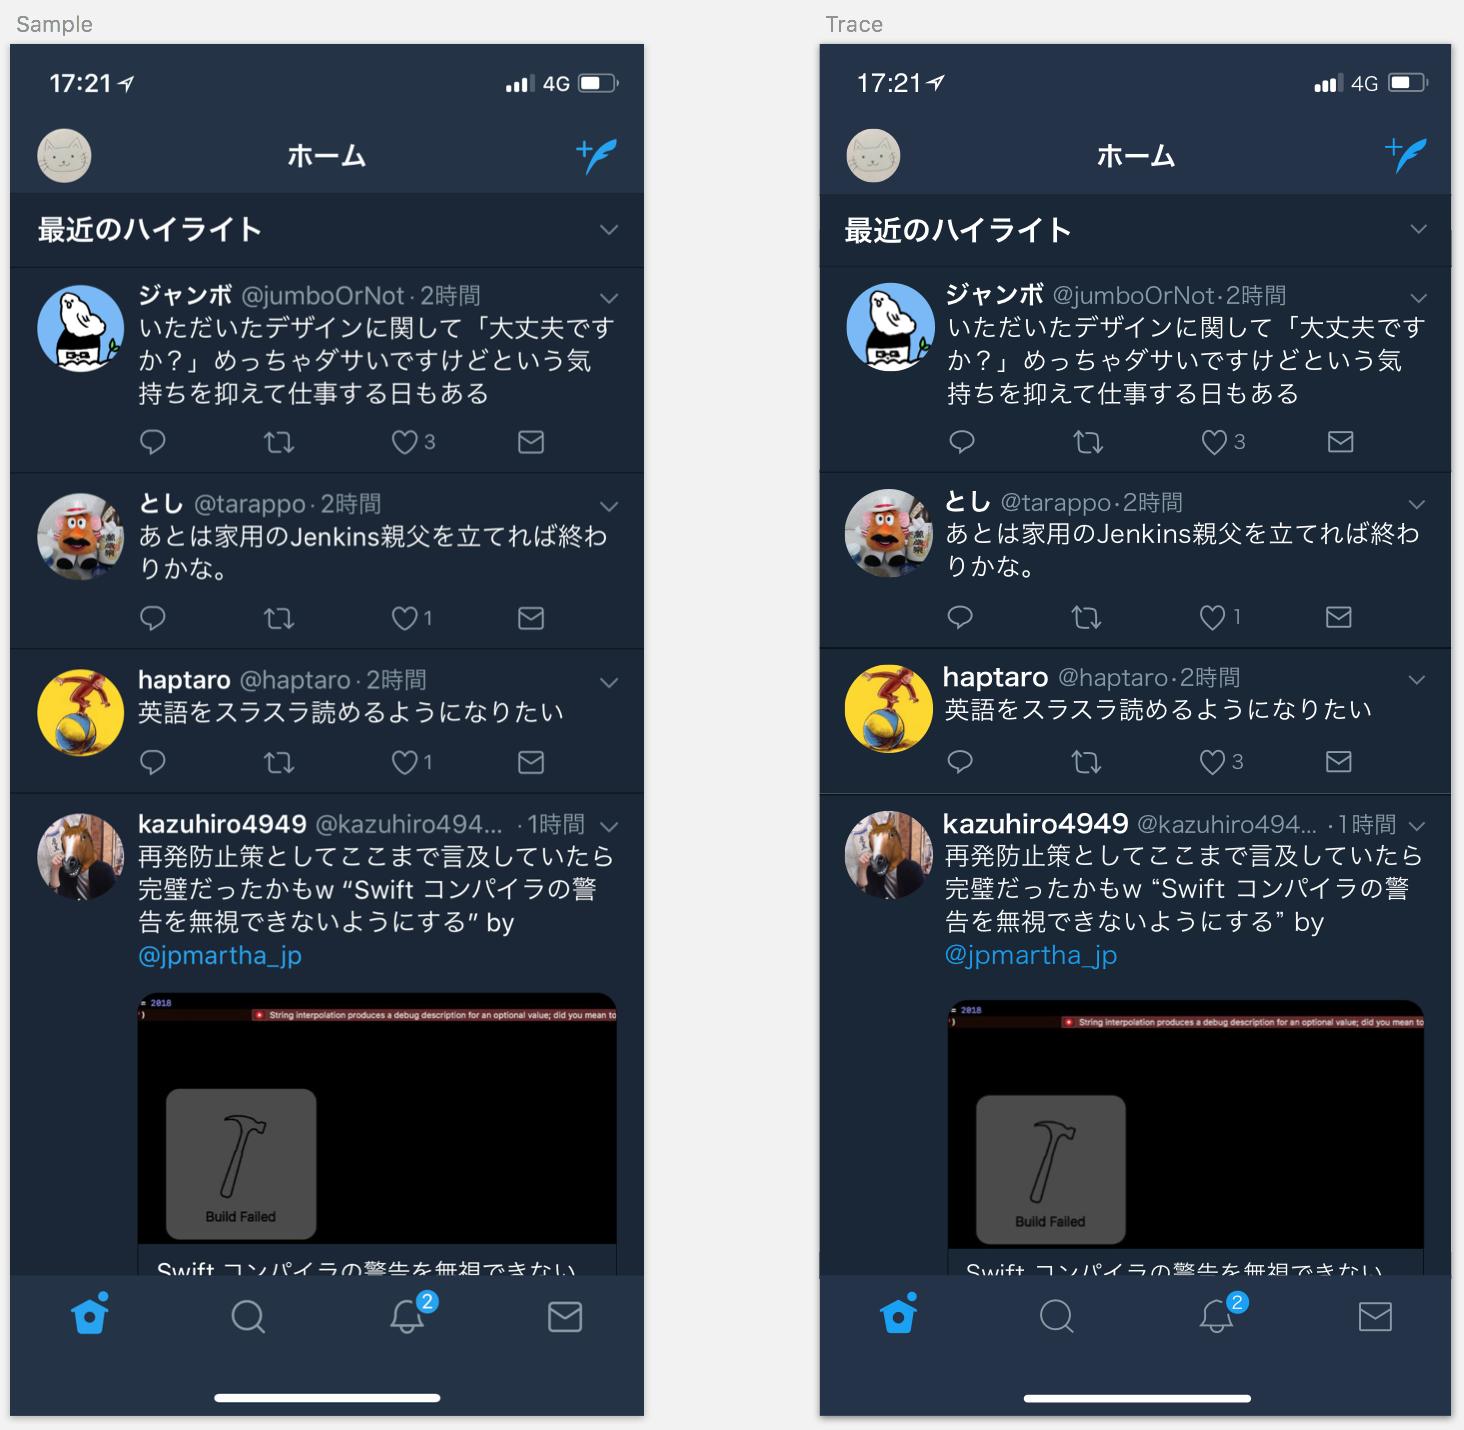 スクリーンショット 2018-01-13 16.57.54.png